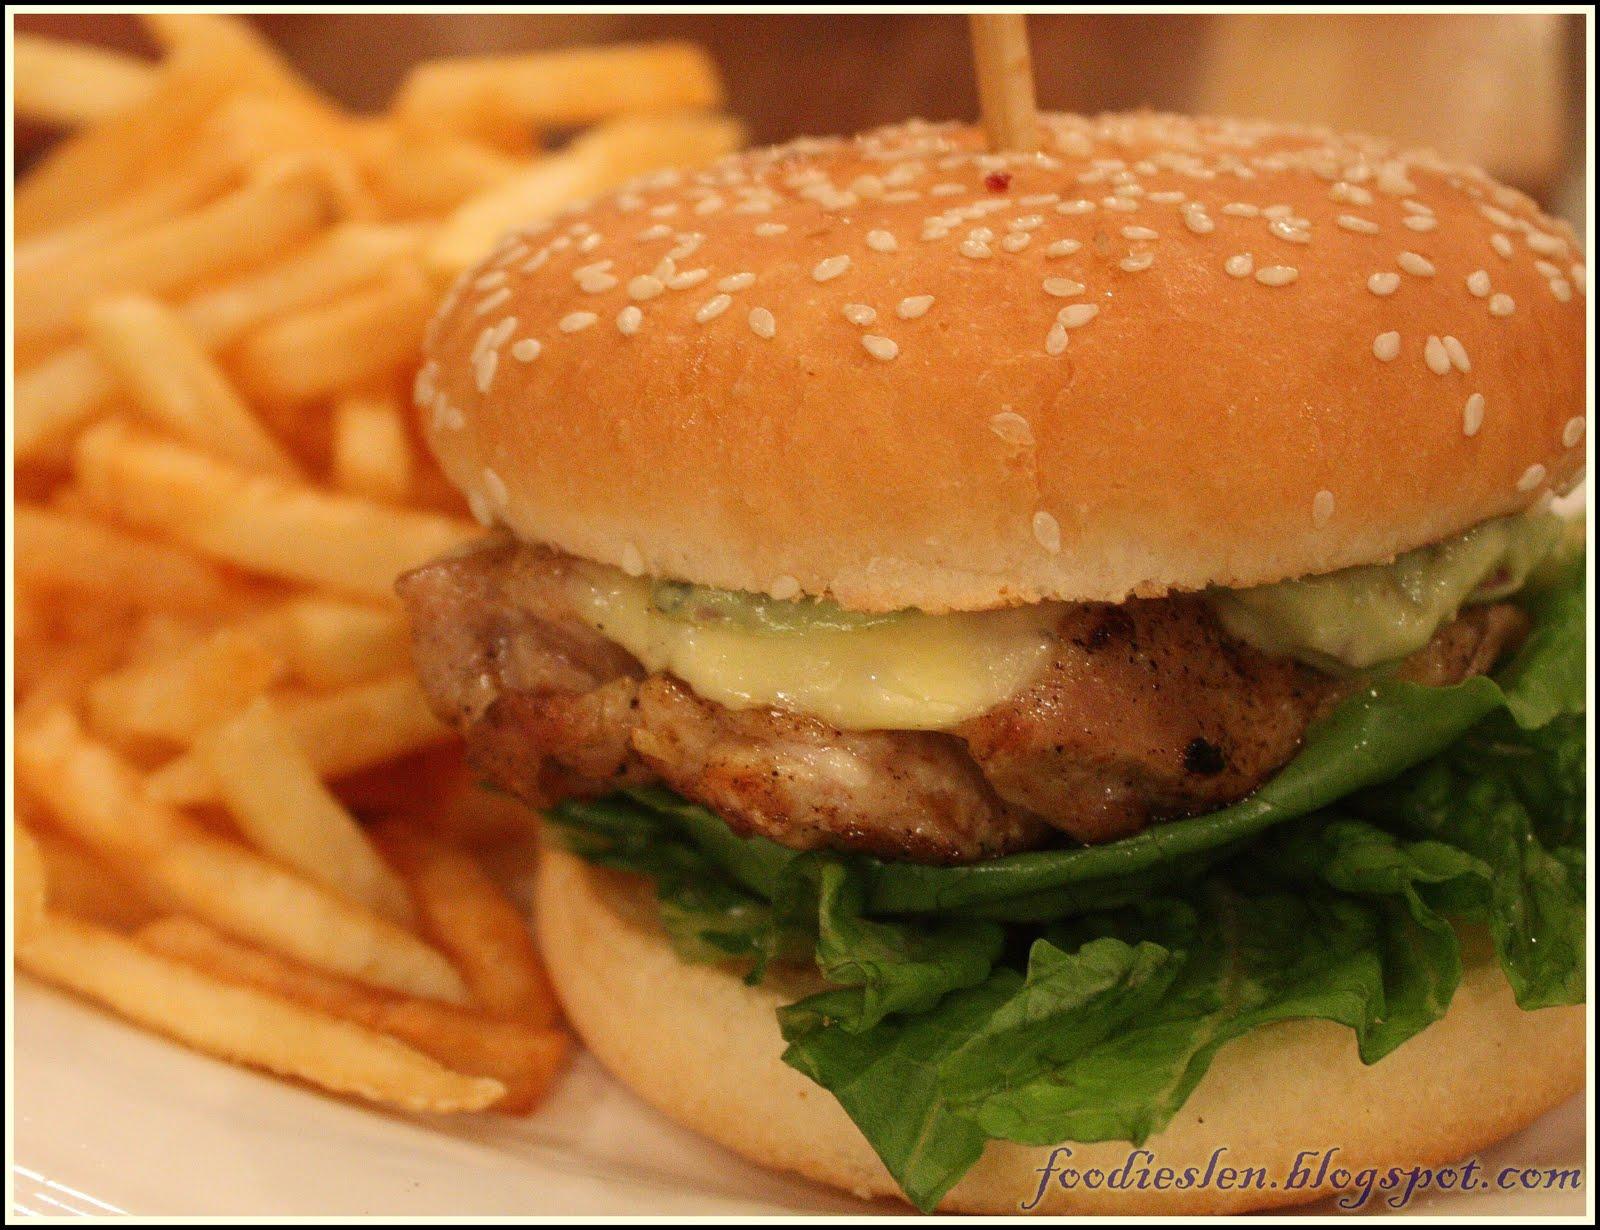 ... burgers bbq chicken burgers chicken parmigiana burgers grilled chicken